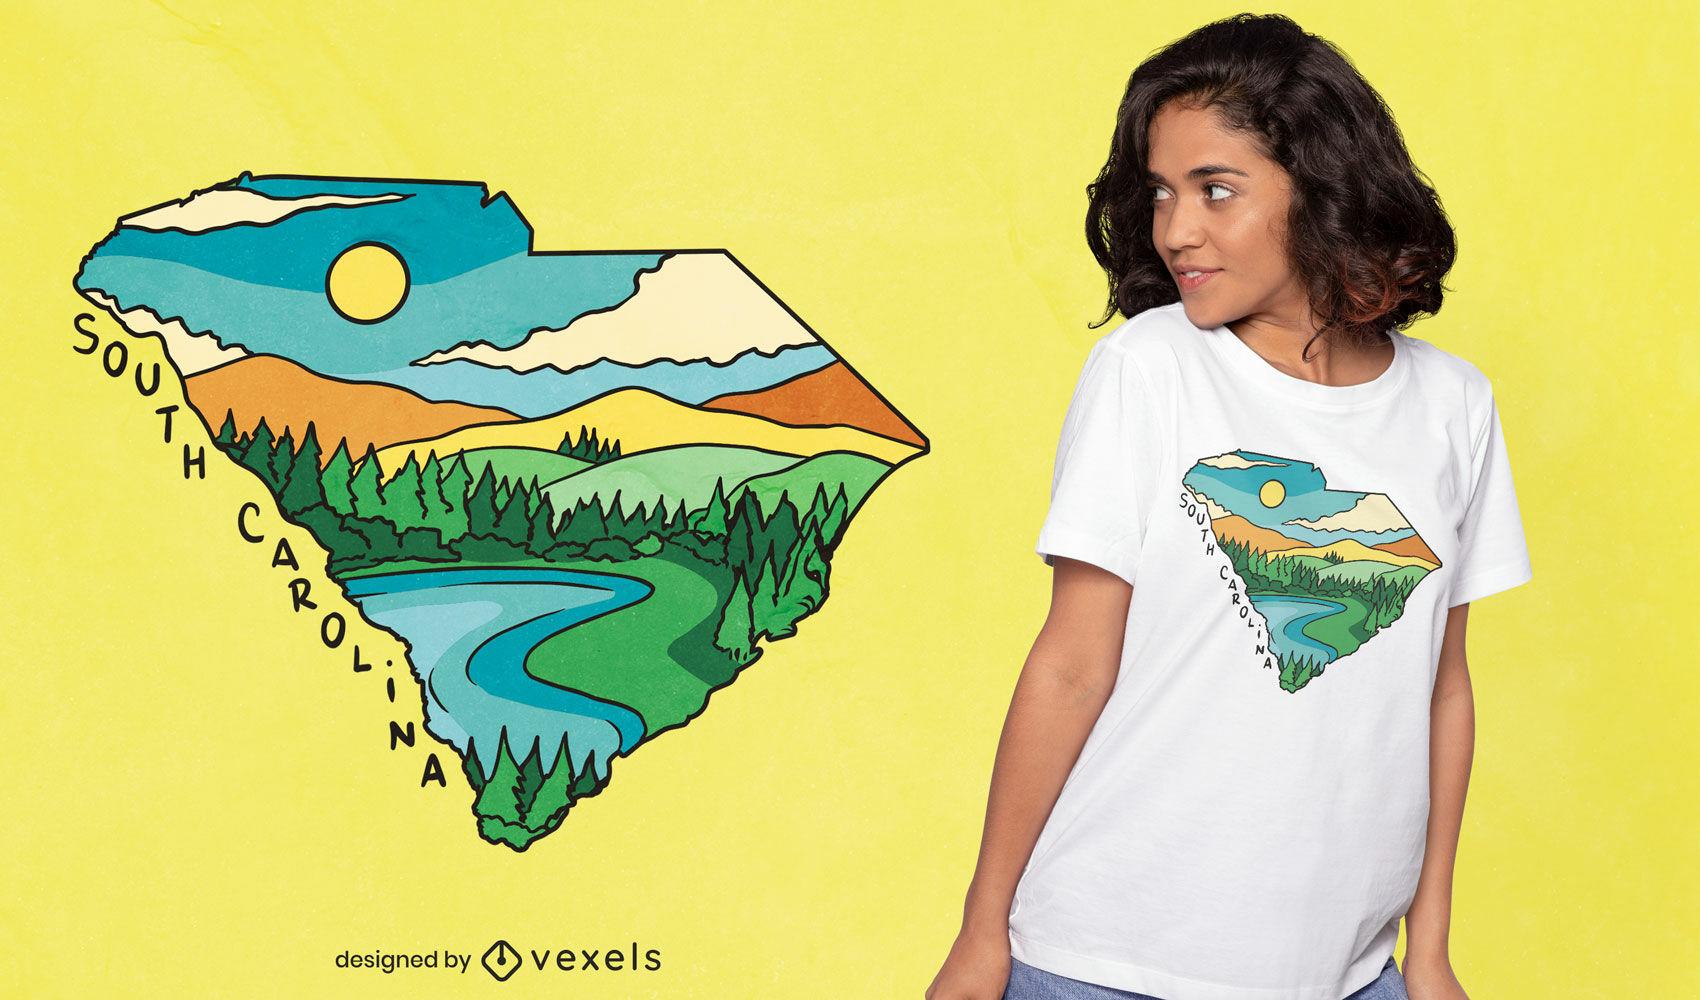 Desenho de t-shirt com paisagem de mapa da Carolina do Sul